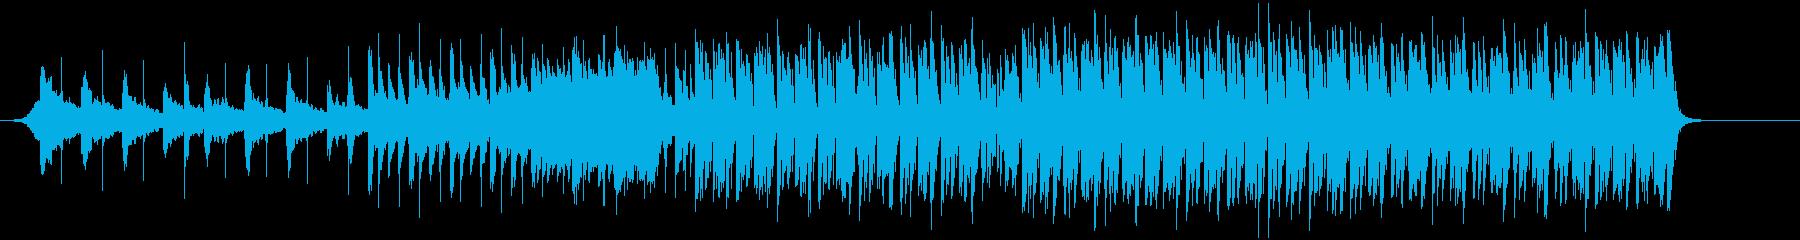 軽快でおしゃれなEDMの再生済みの波形